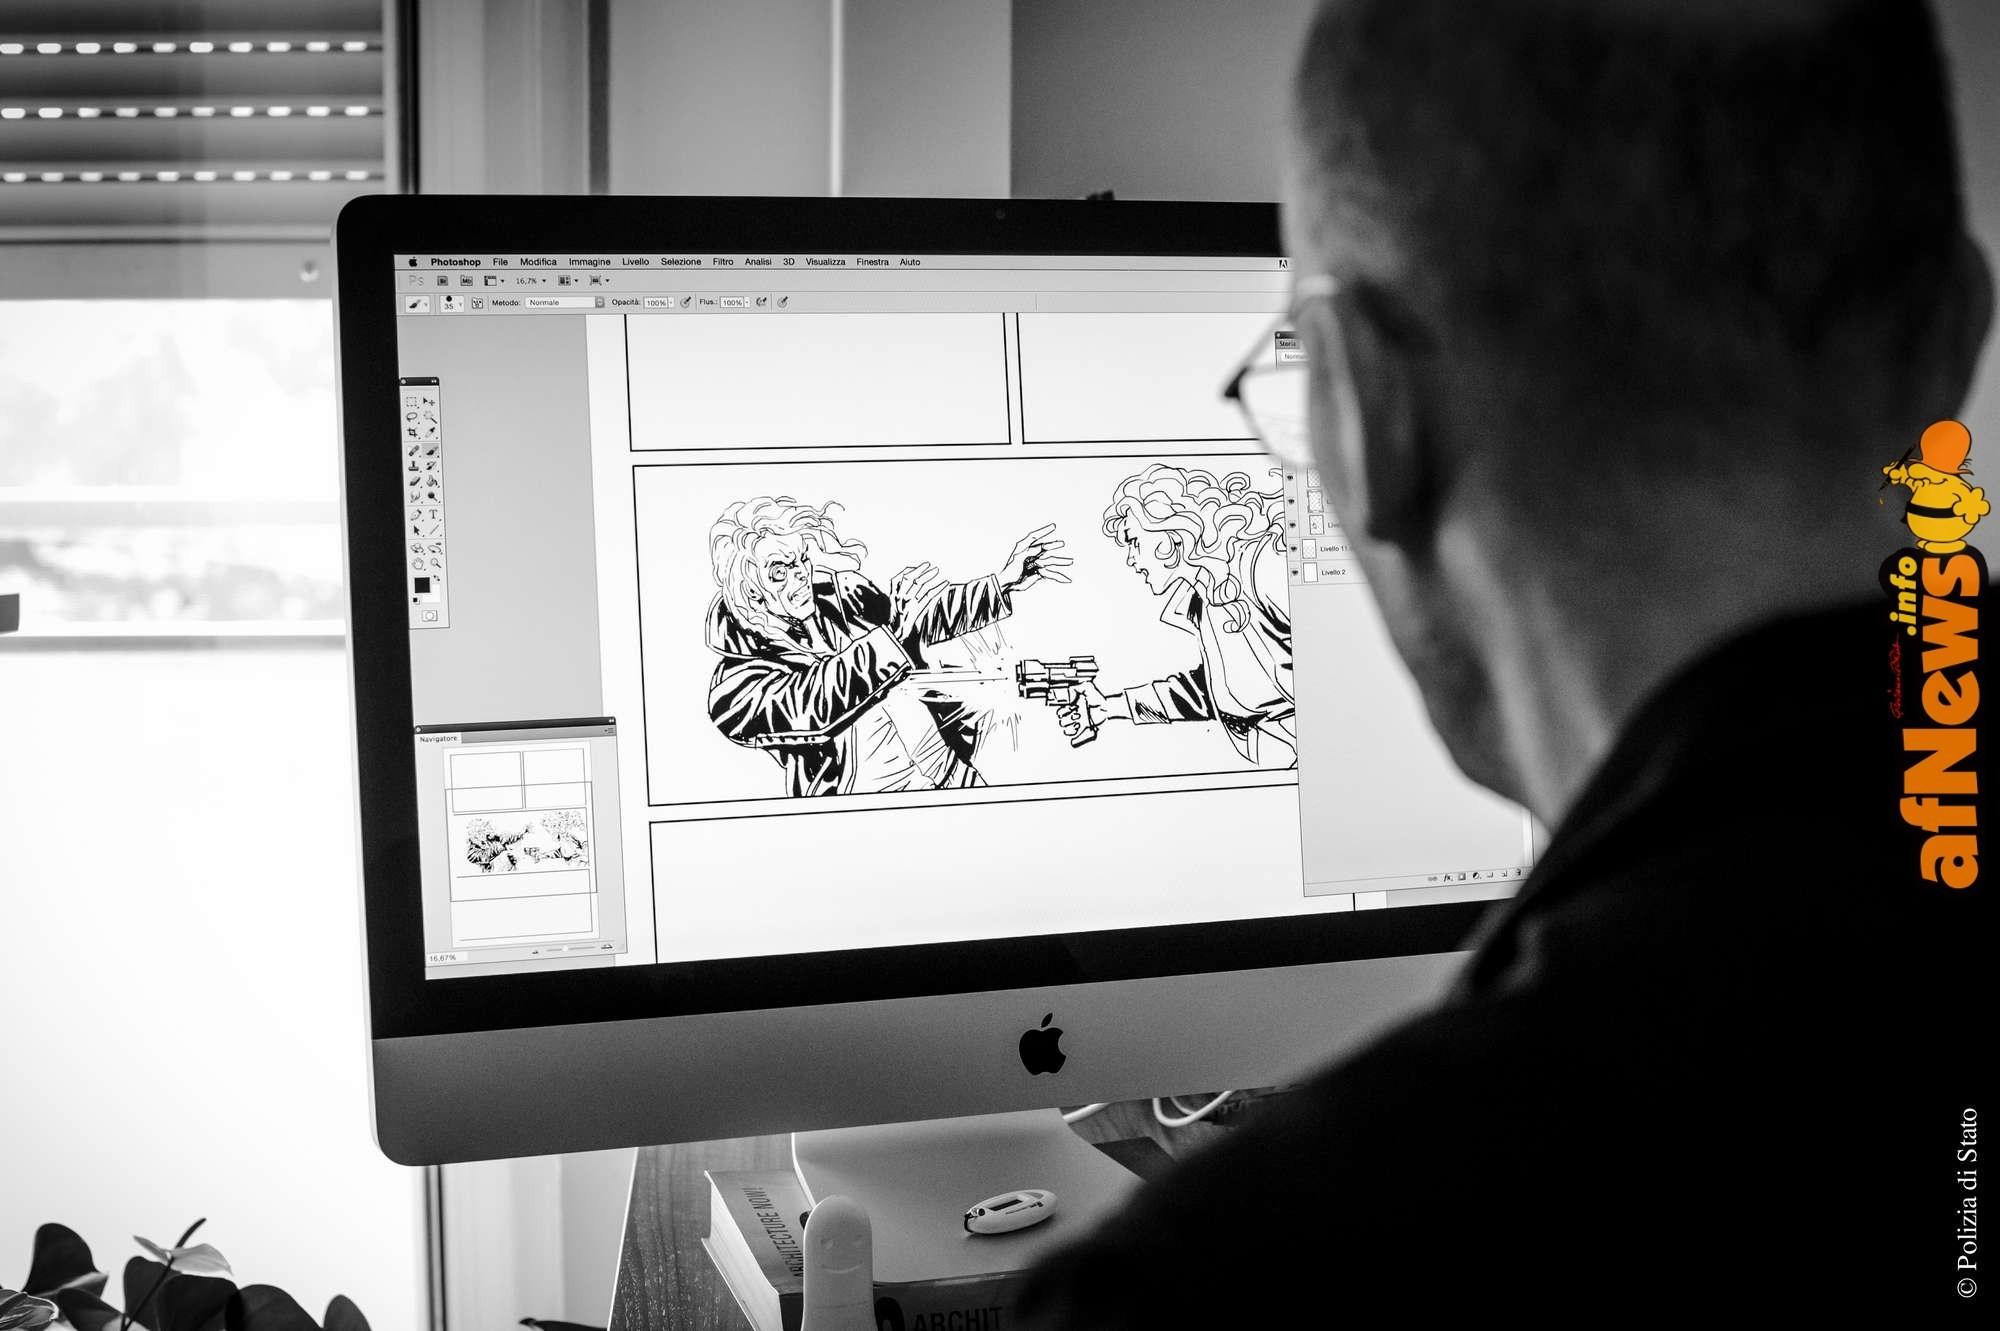 Calendario Annuale 2019 Stampabile Recientes Unicef E Polizia Di Stato 12 Fumettisti Per Il Calendario 2019 Of Calendario Annuale 2019 Stampabile Más Recientes Dopolavoro Ferroviario Di Pisa